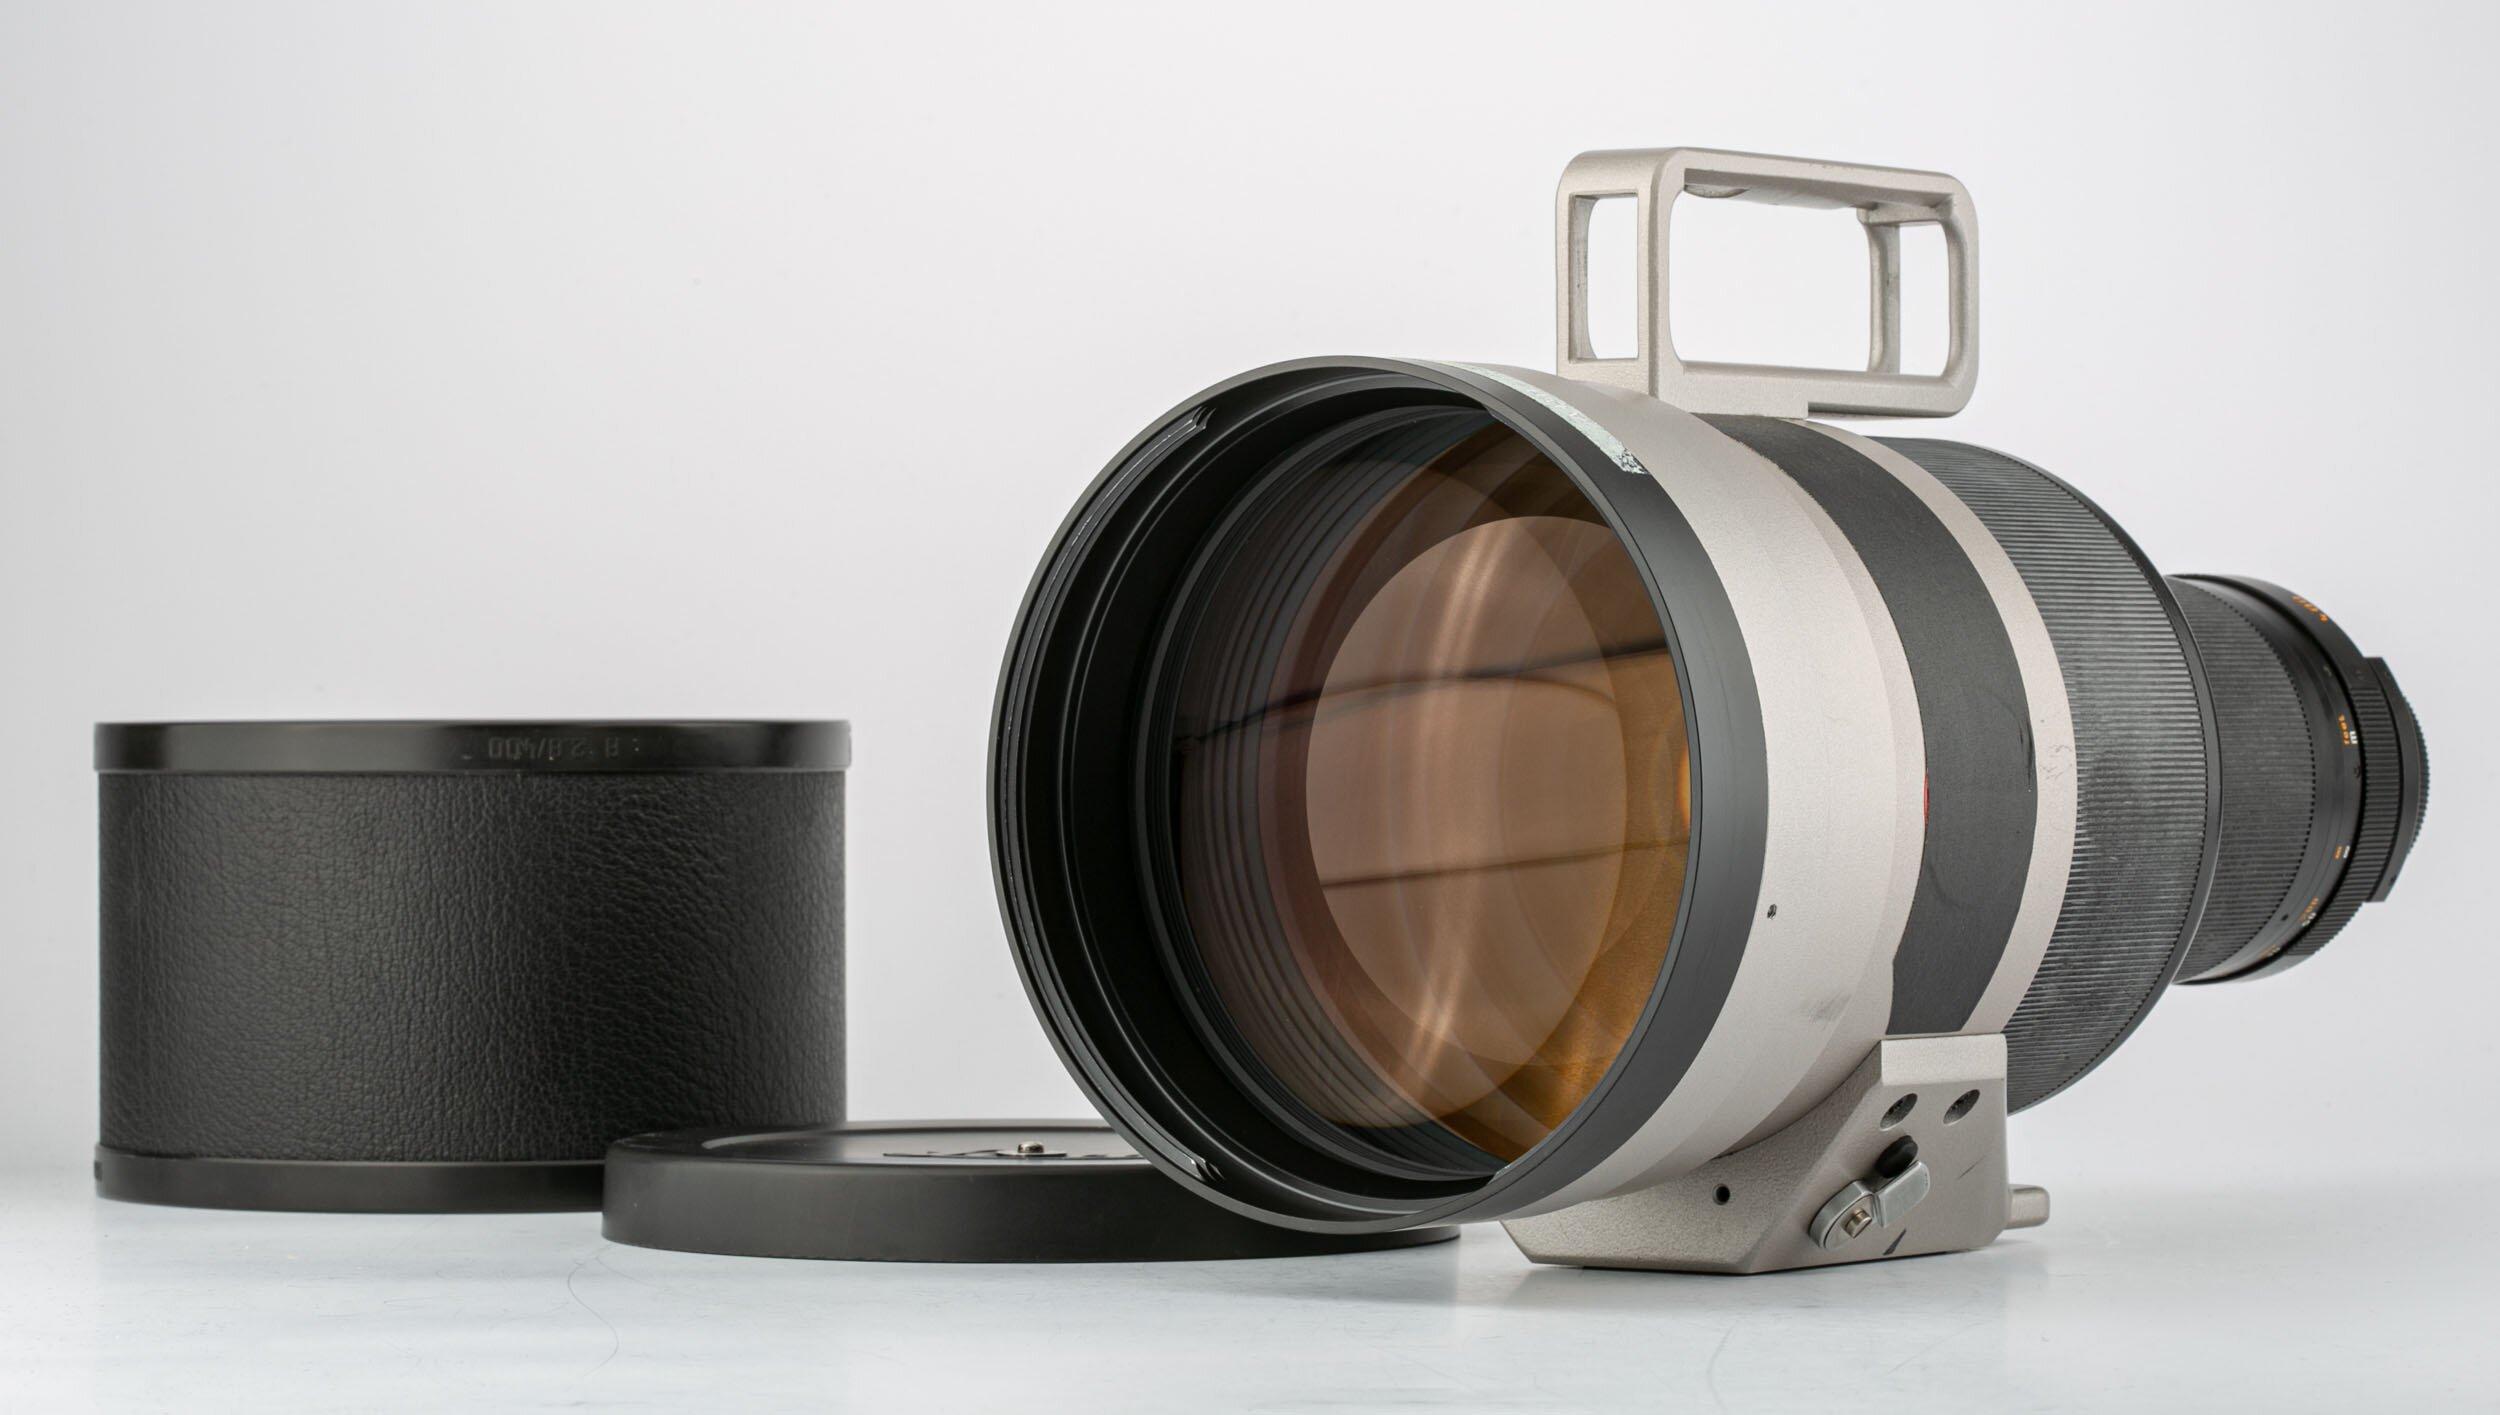 Leica APO-Telyt-R 2.8/400mm 11260